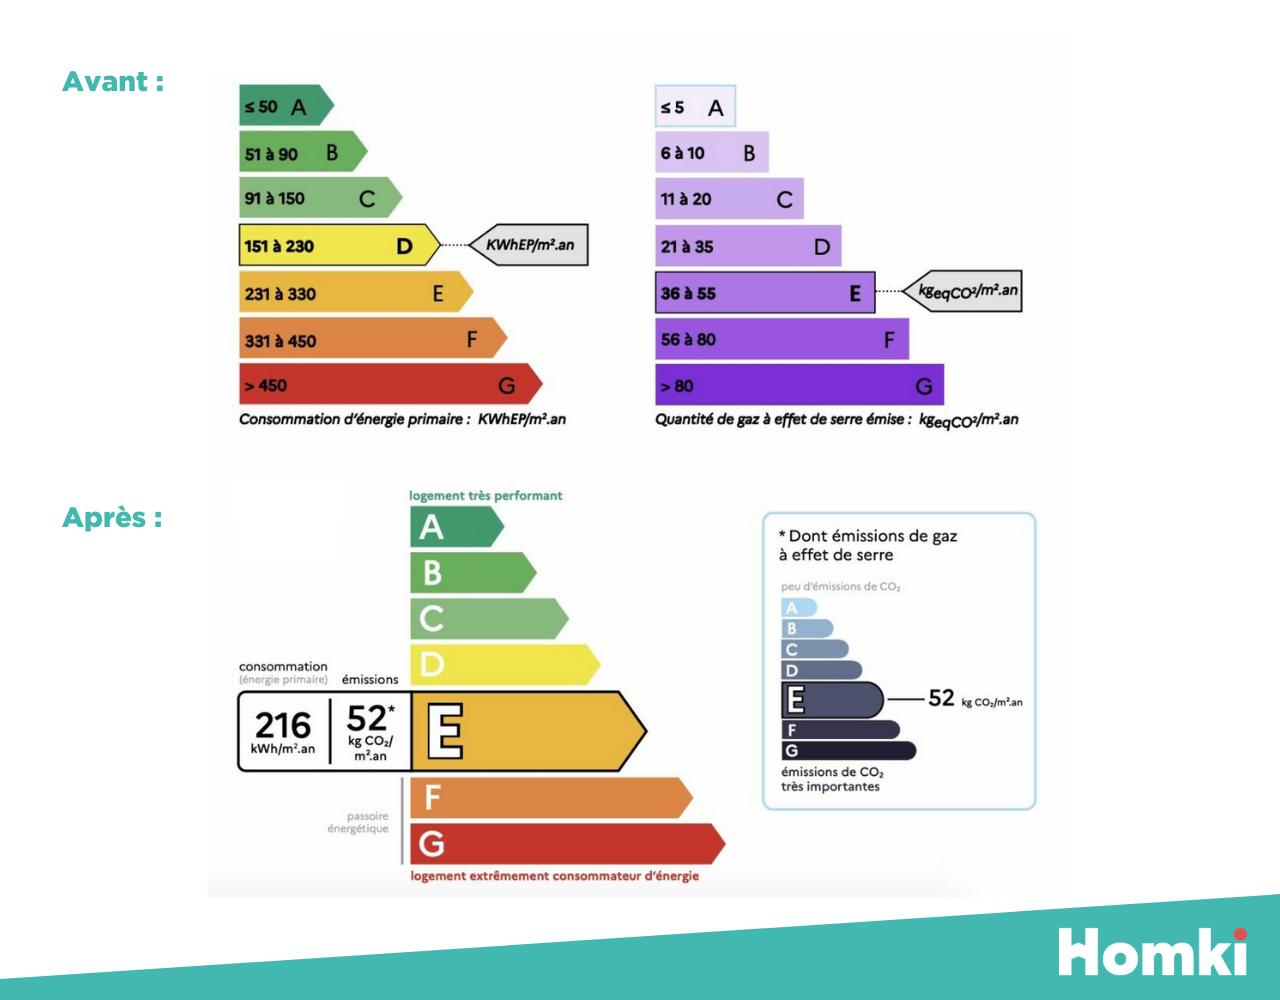 Le nouveau diagnostic de performance énergétique, entré en vigueur le 1er juillet 2021